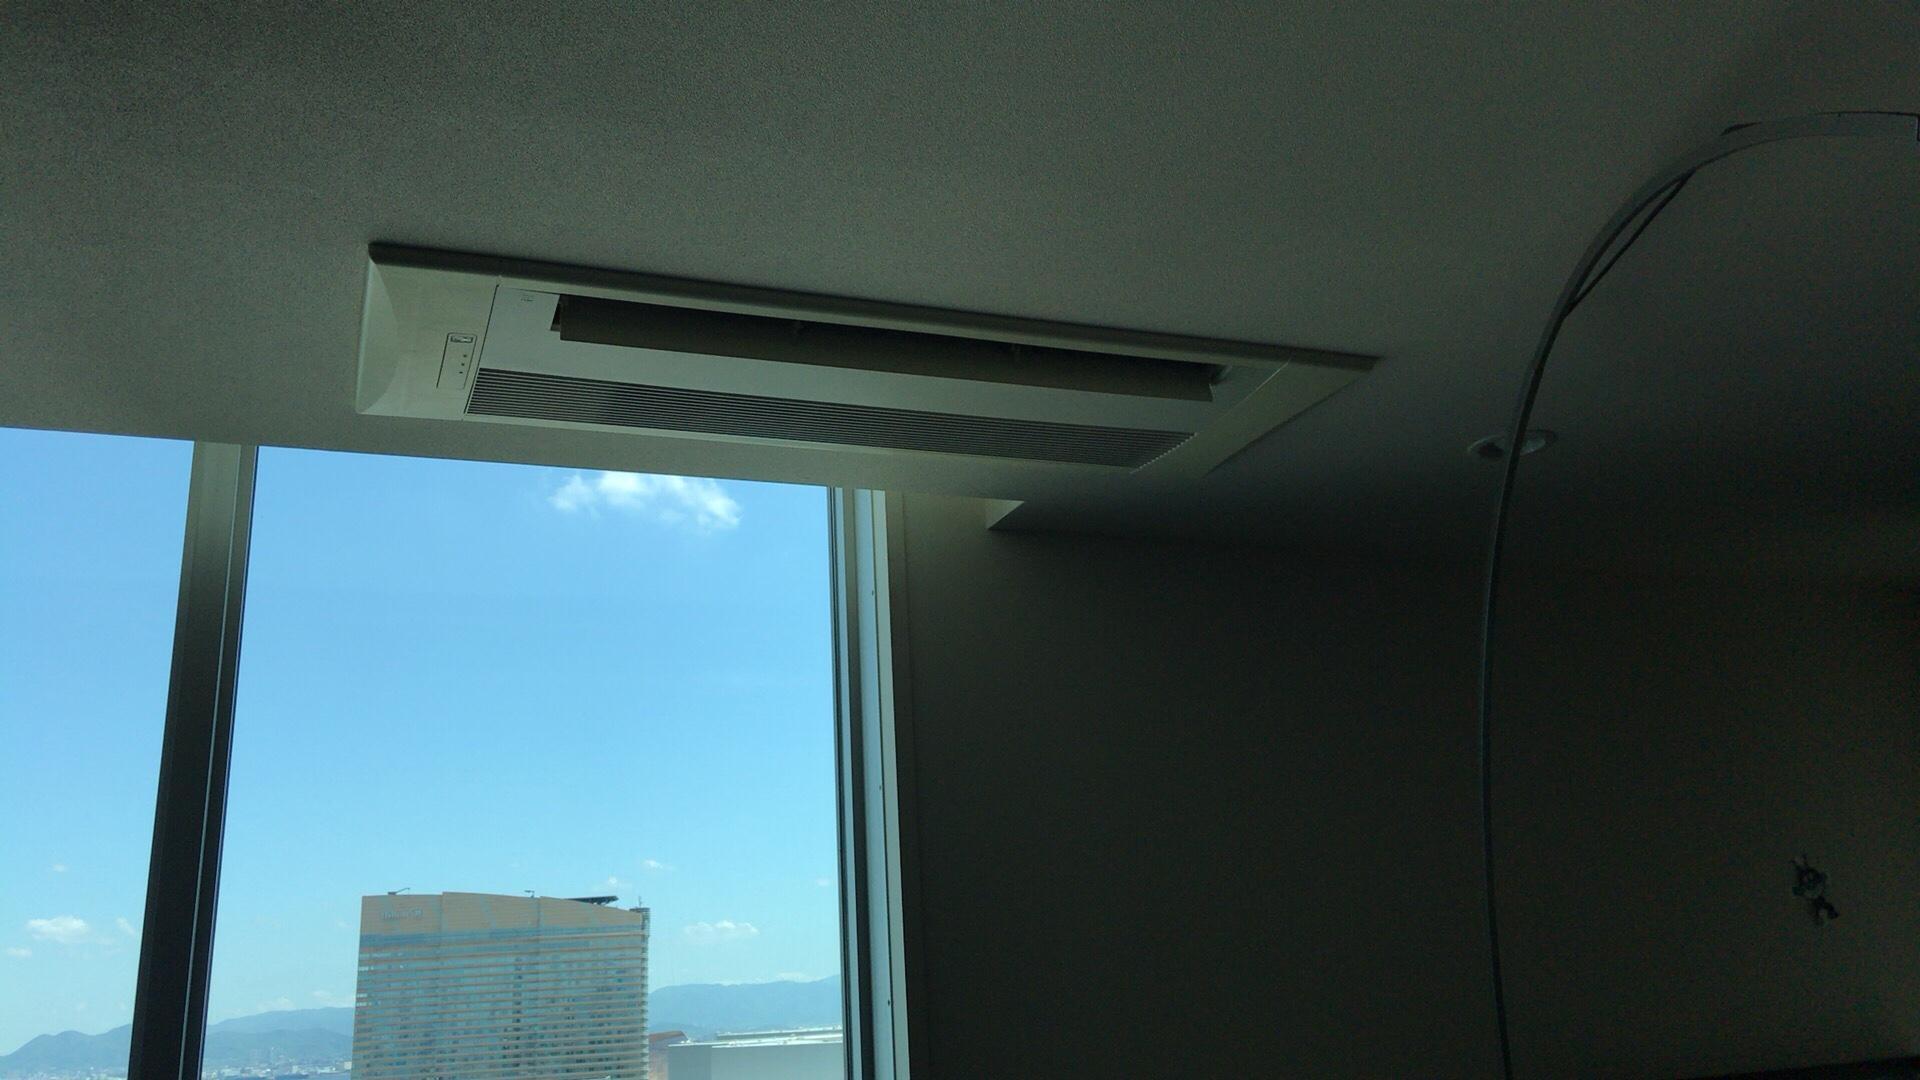 福岡、百道浜で天井埋め込みタイプのエアコンクリーニング